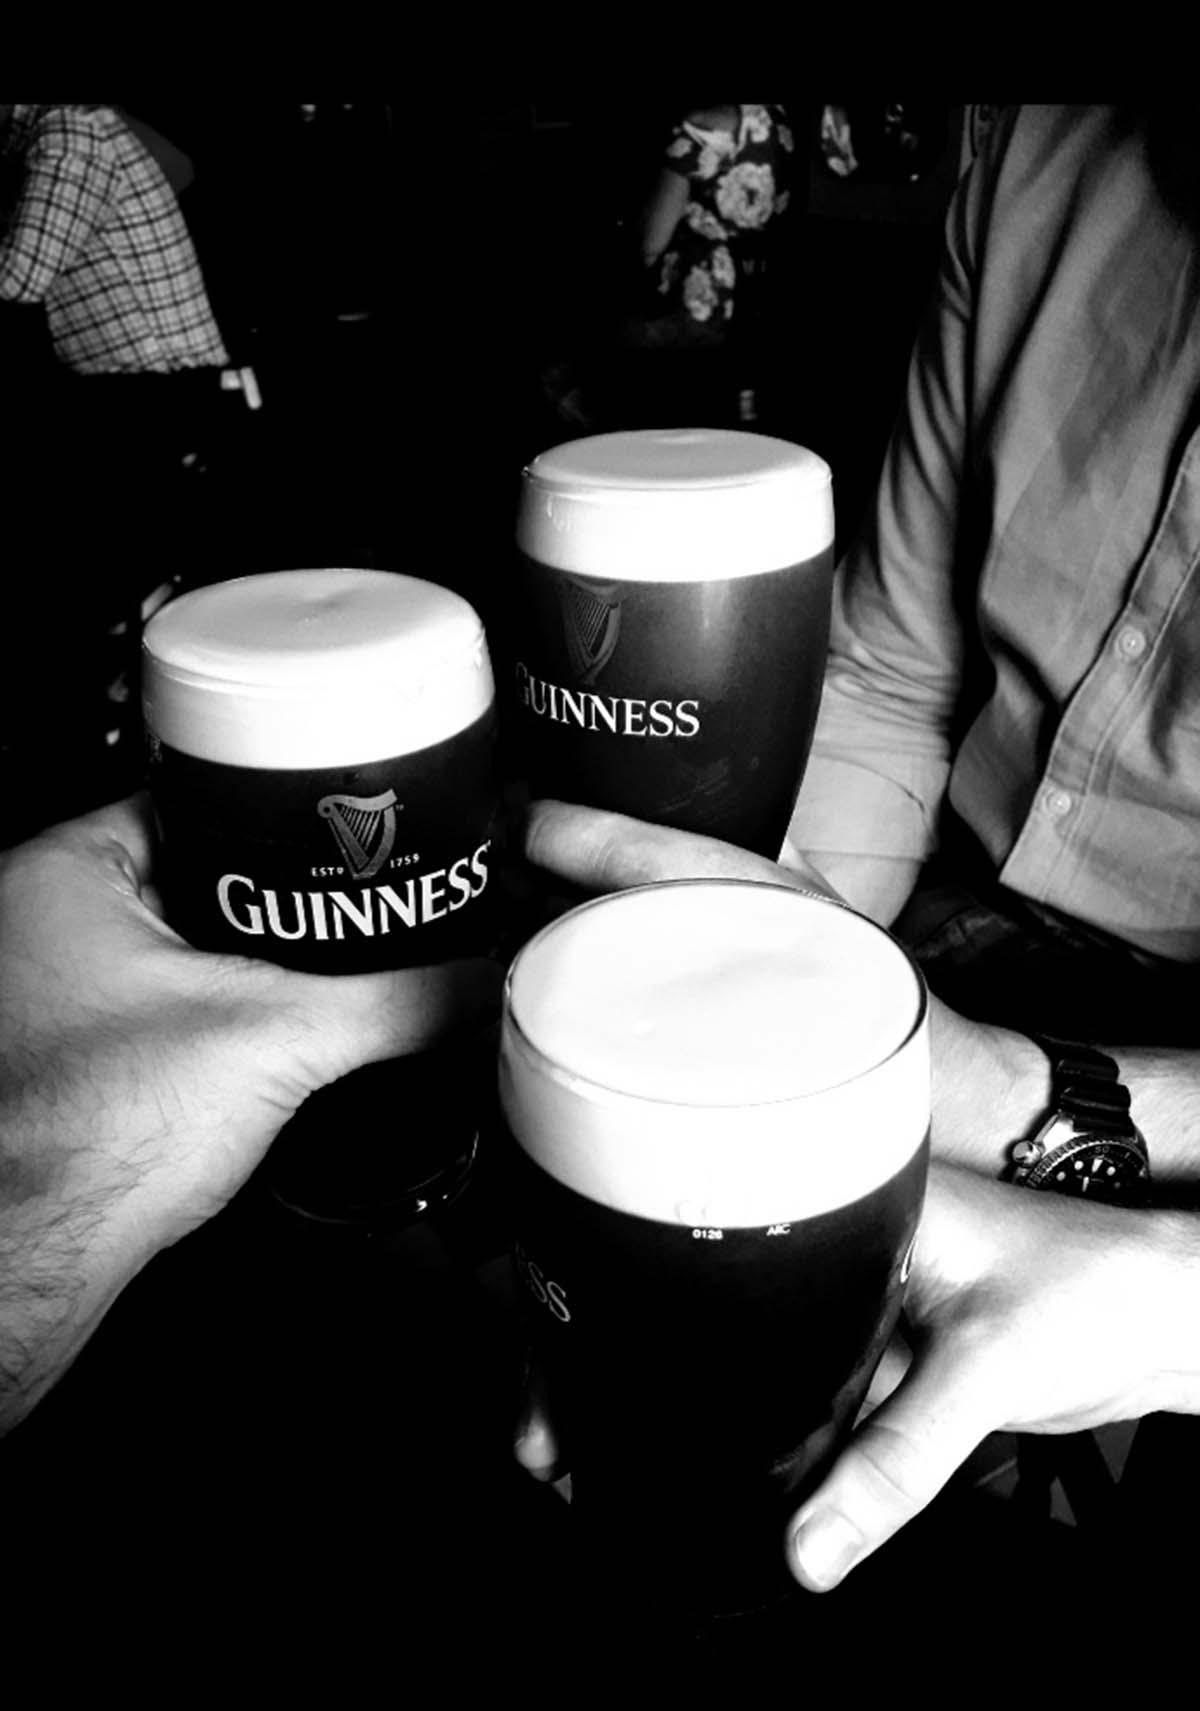 Gallery The Galway Bay Pub Innsbruck Irish Pub